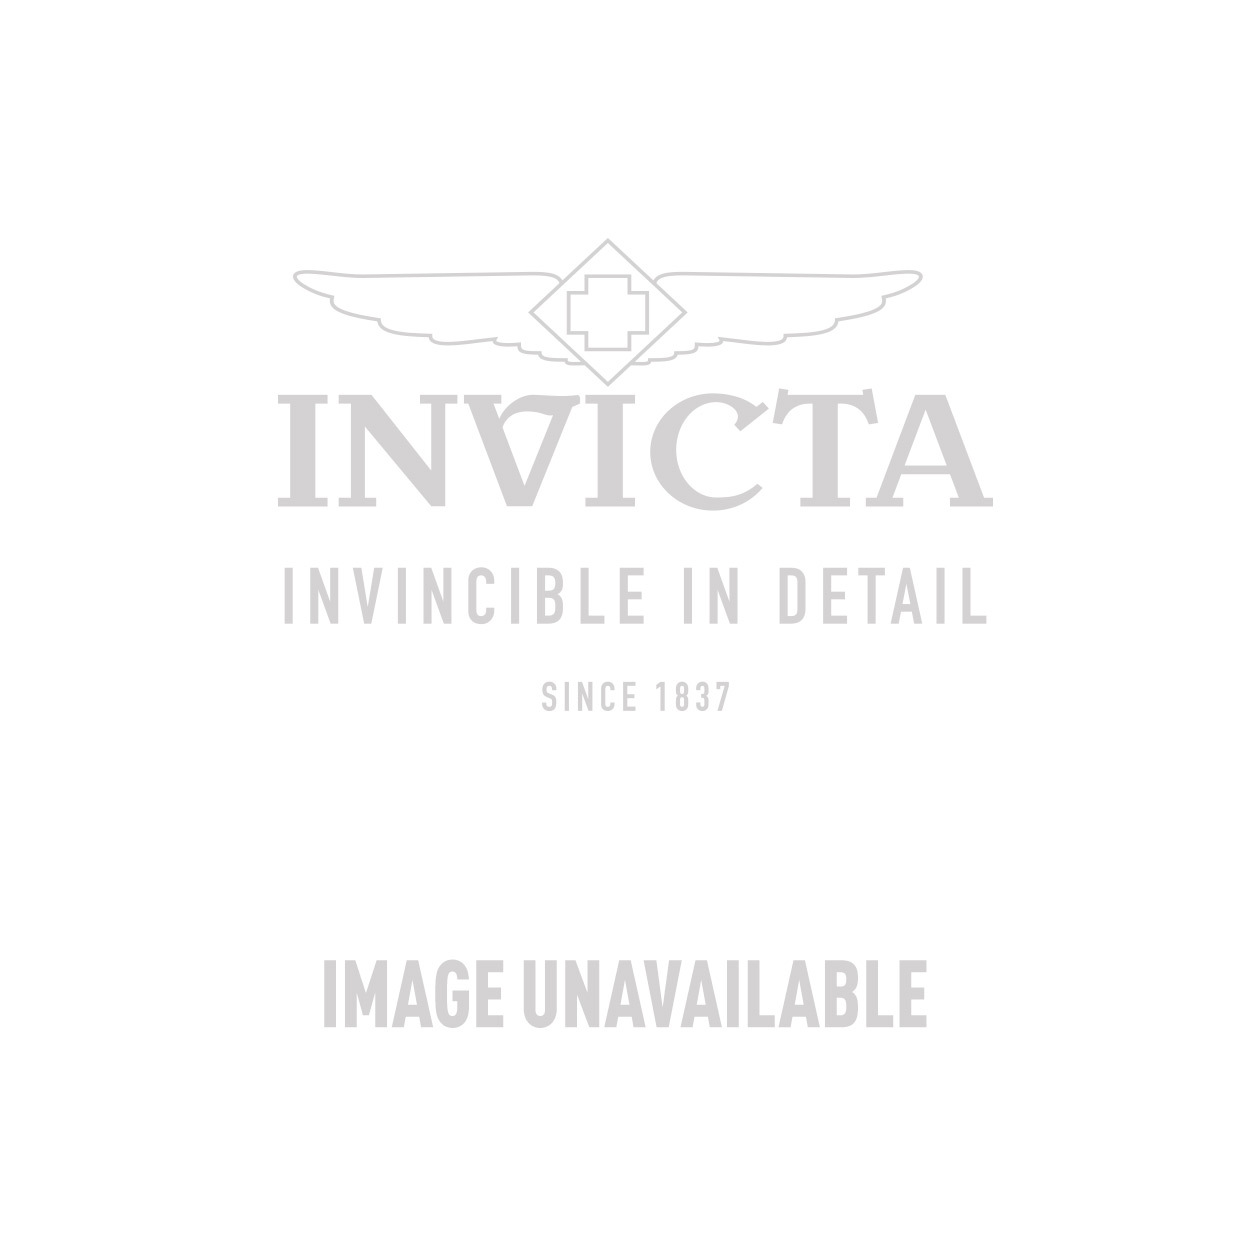 Invicta Model 24936